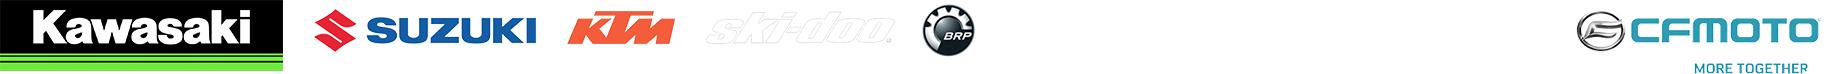 Hebeler Sales Is a Kawasaki, Suzuki, KTM, Ski-Doo, Sea-Doo, Arctic Cat, CFMoto, and Textron Dealer